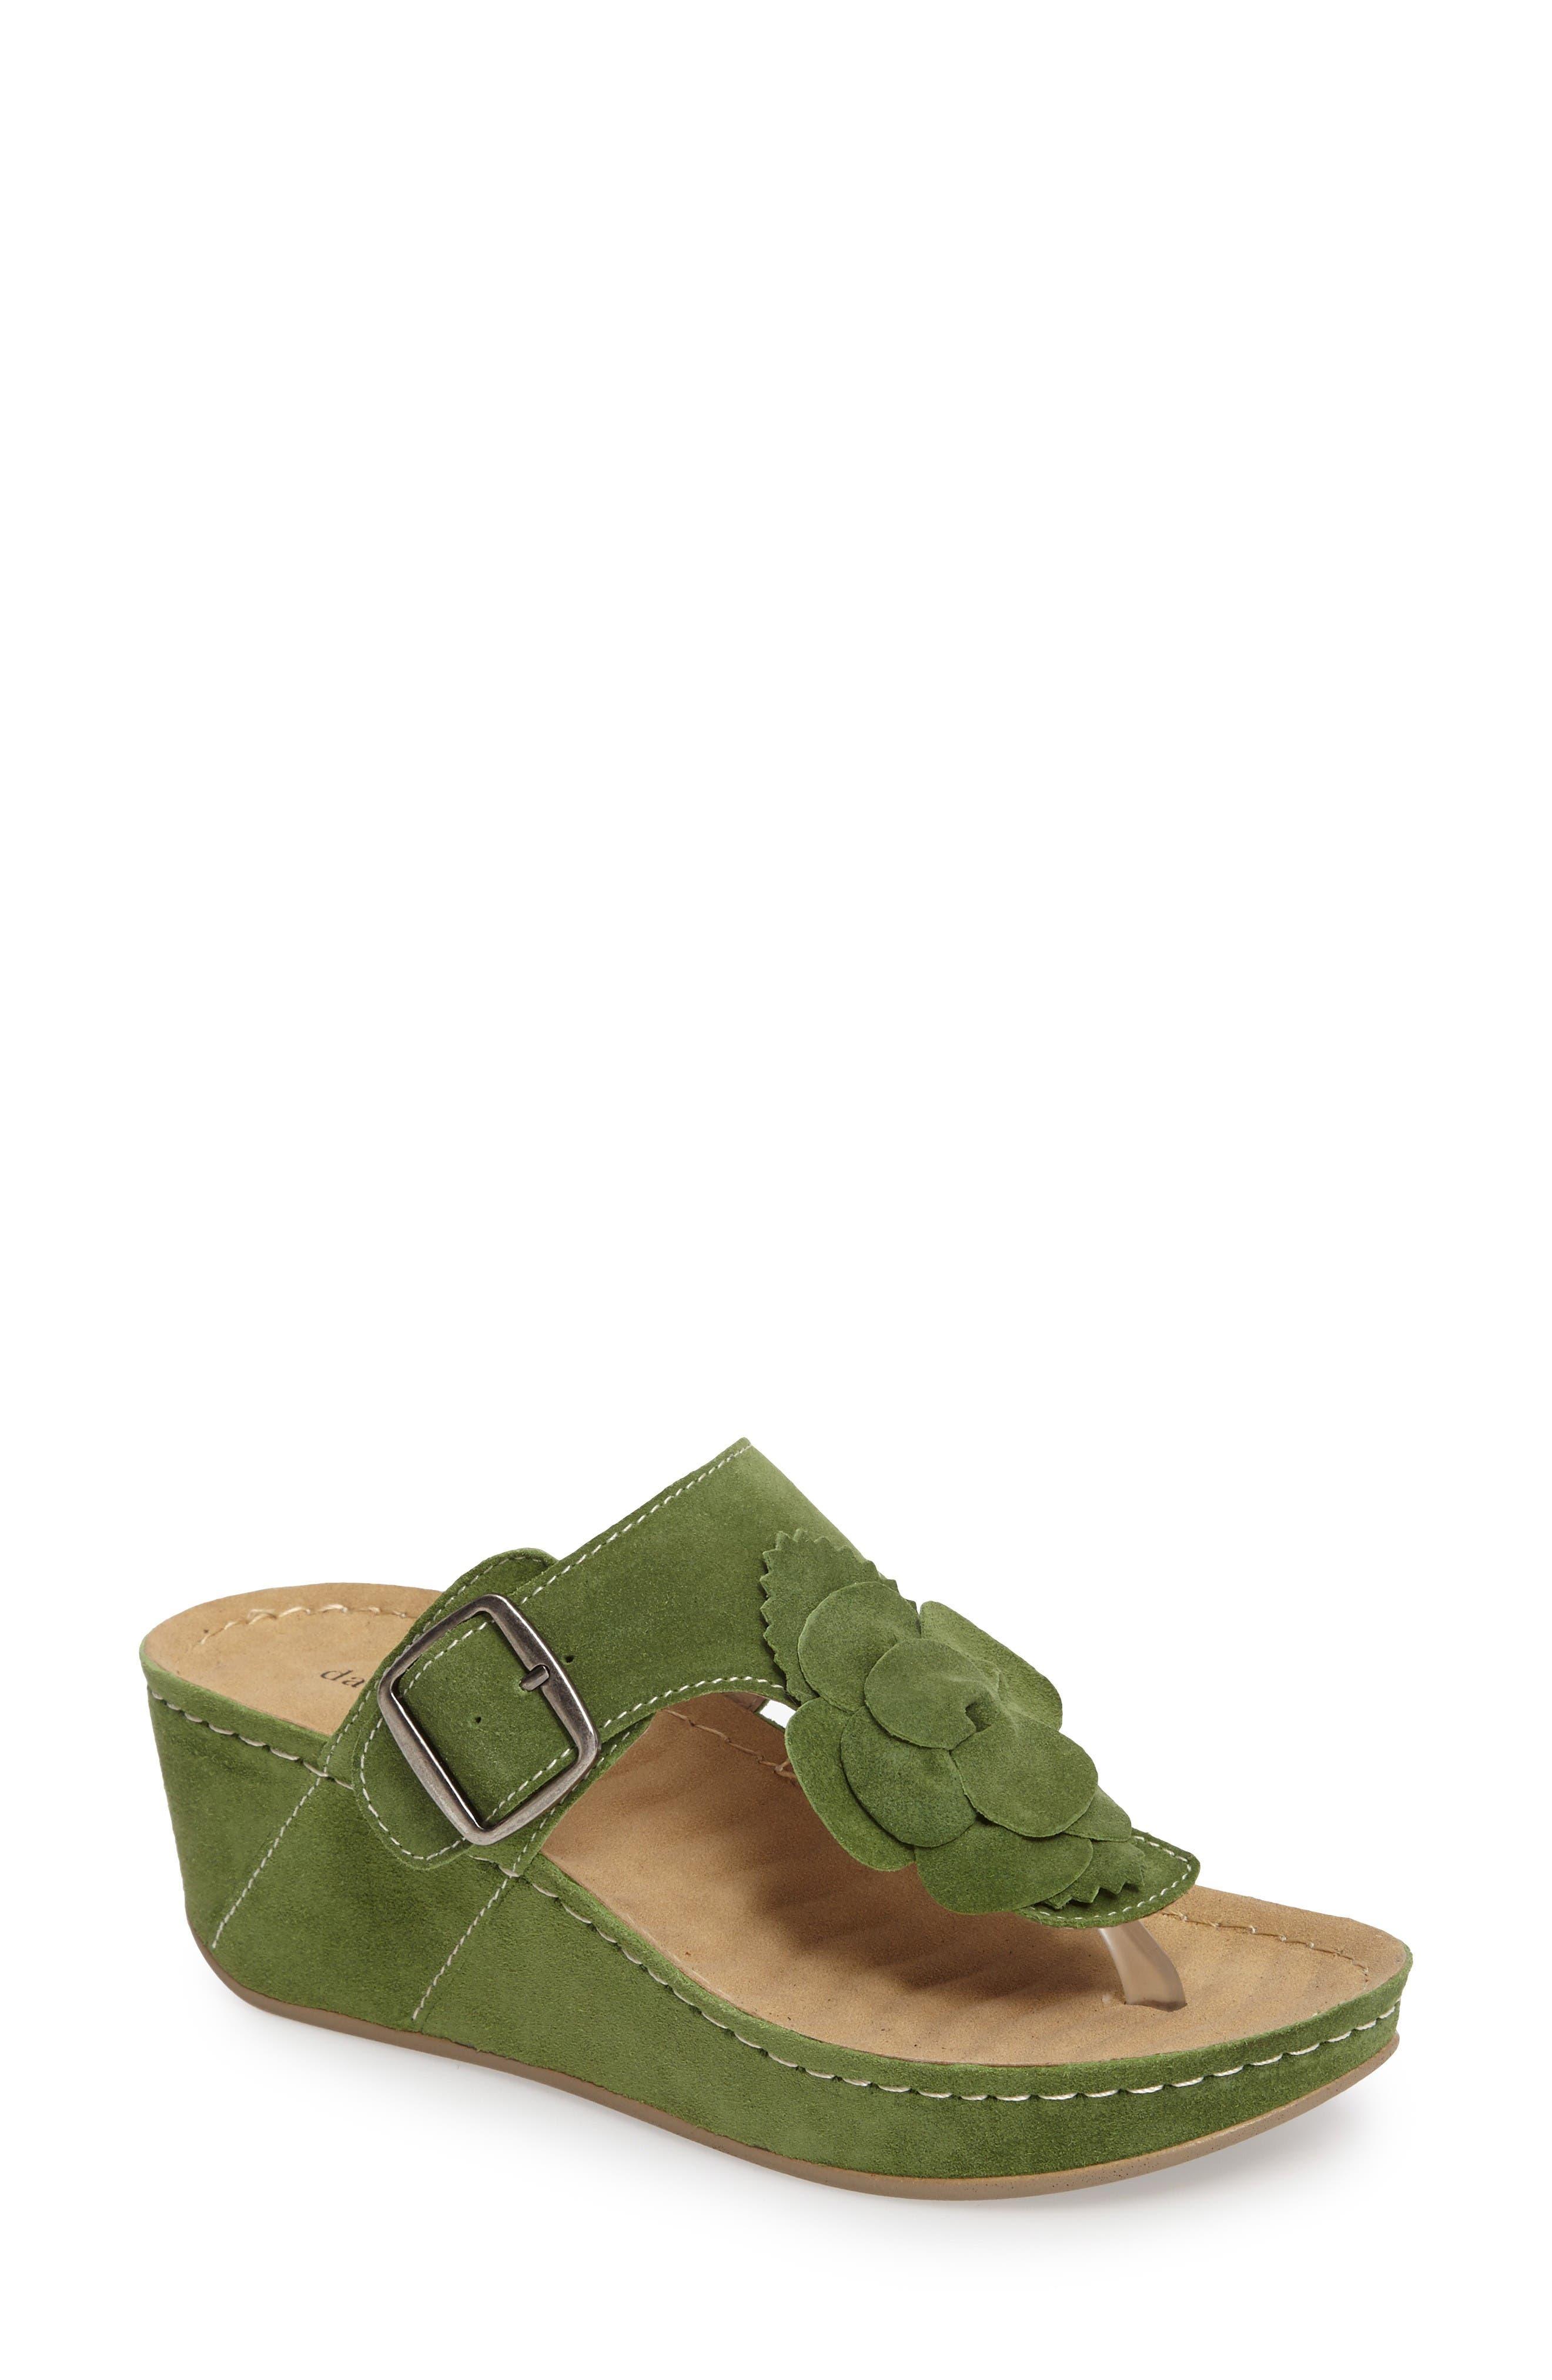 Spring Platform Wedge Sandal,                         Main,                         color, Green Suede